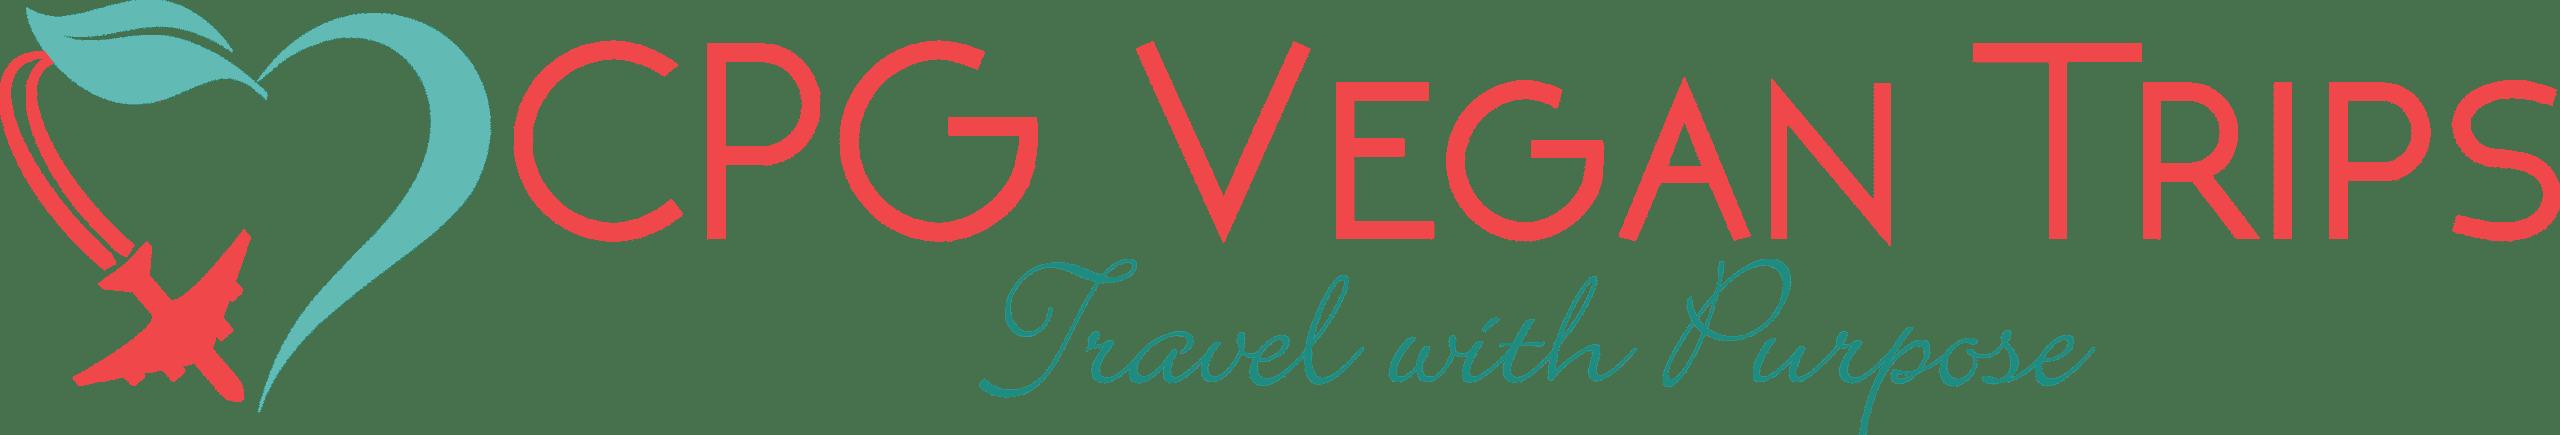 CPG Vegan Trips logo